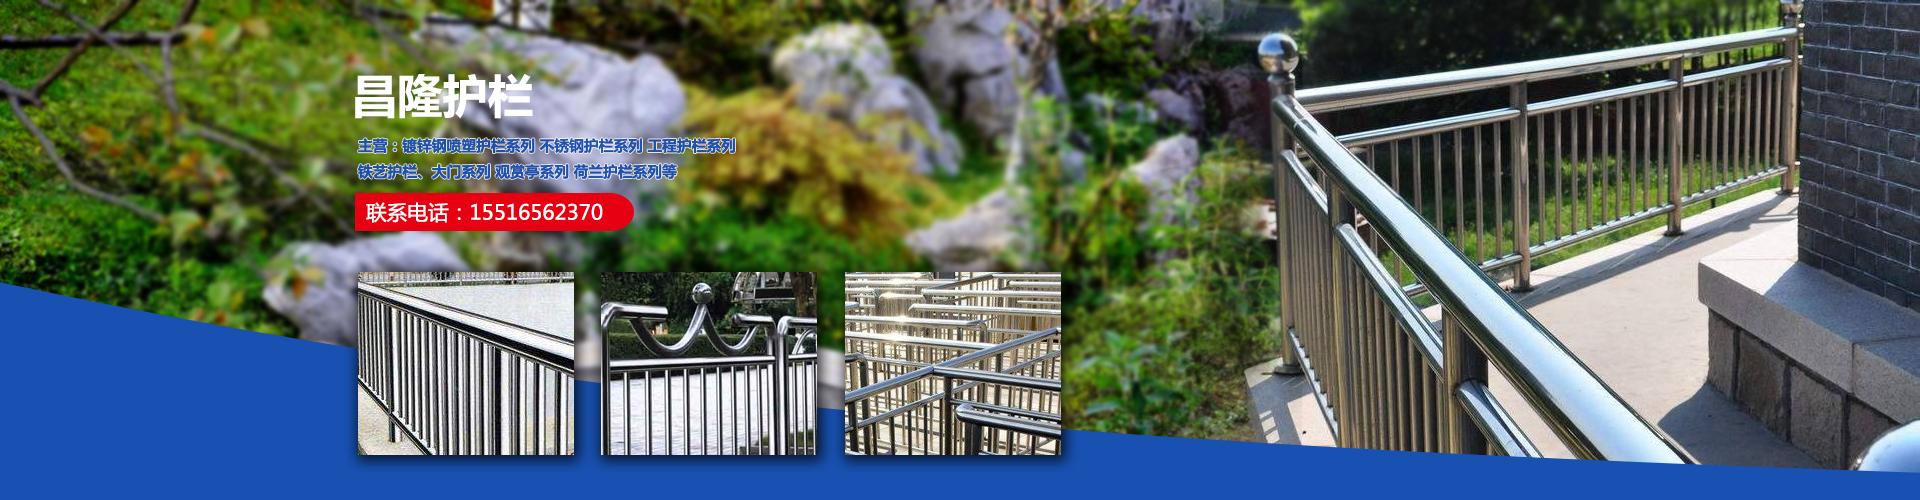 郑州护栏厂家昌隆护栏